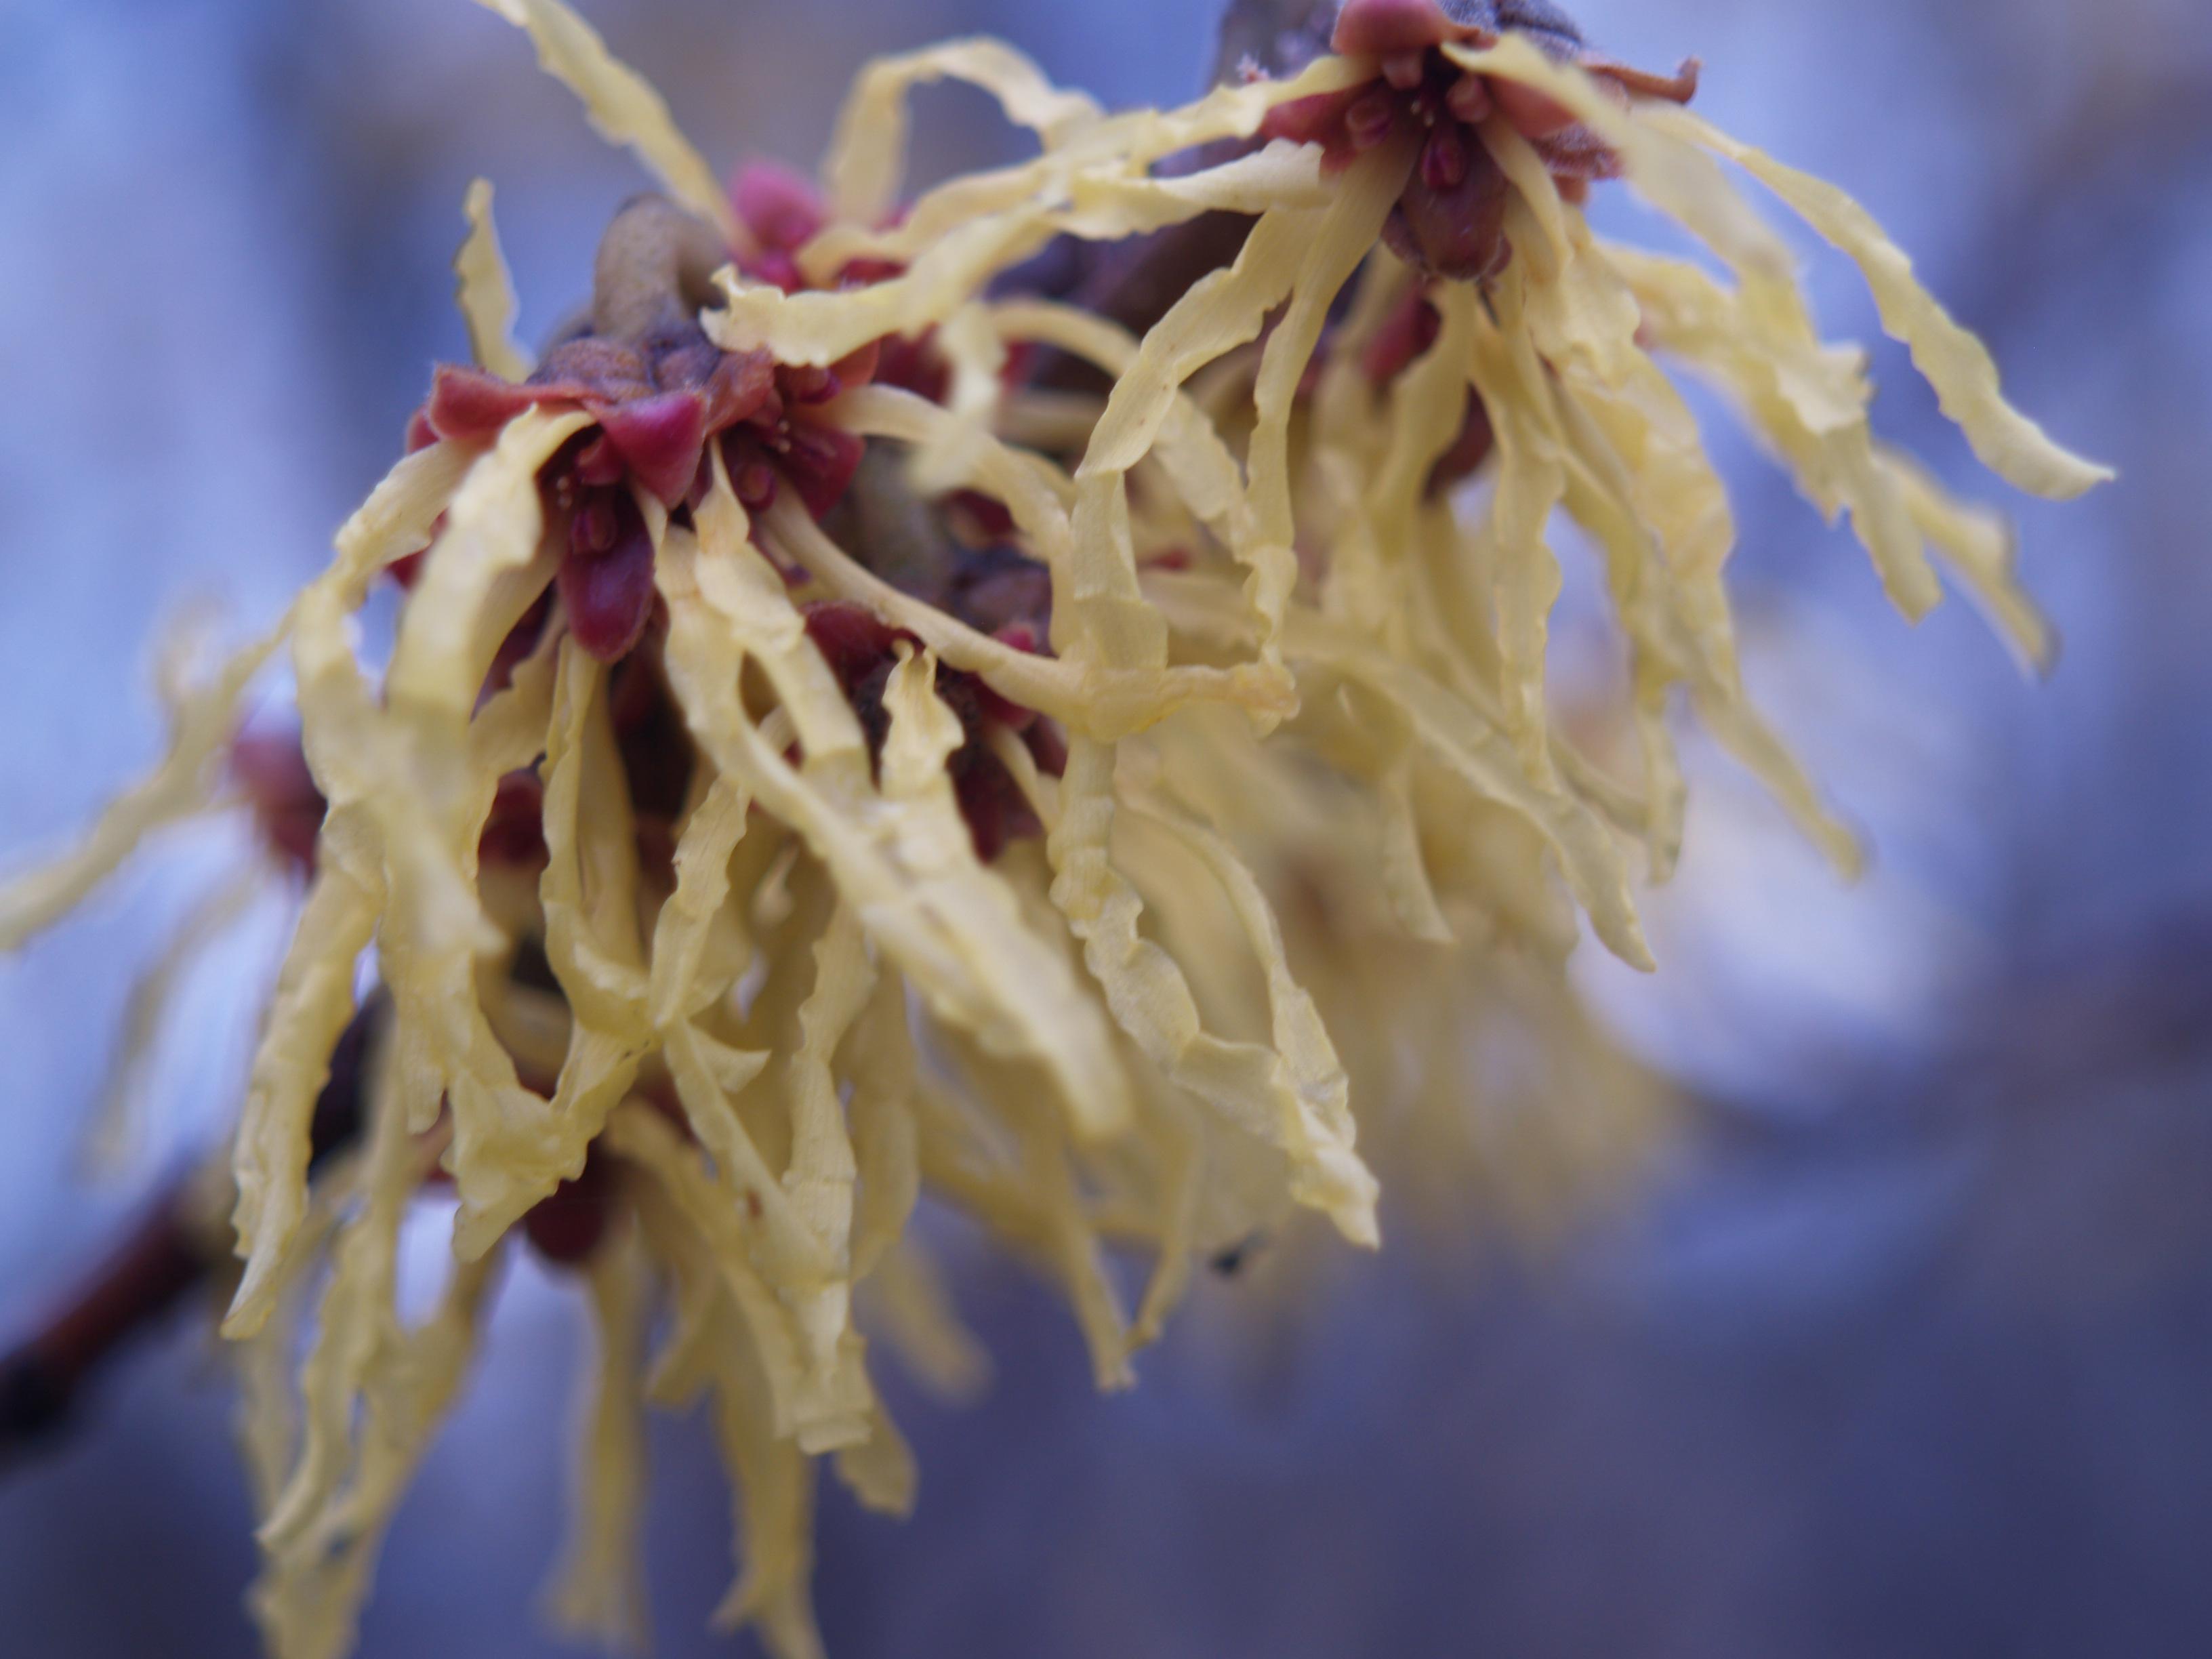 La poda de arbustos para la máxima floración: jardín y jardín Noticias: Universidad de Minnesota extensión